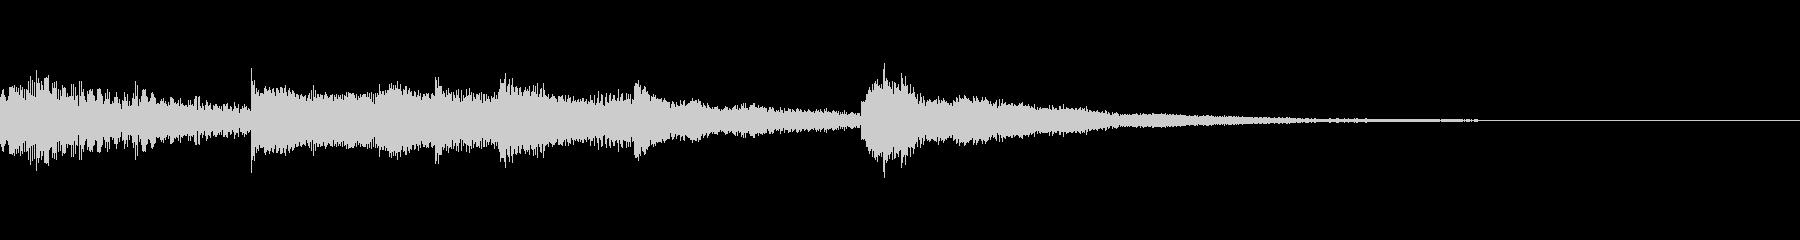 ピアノとハープのスタートアップ音の未再生の波形